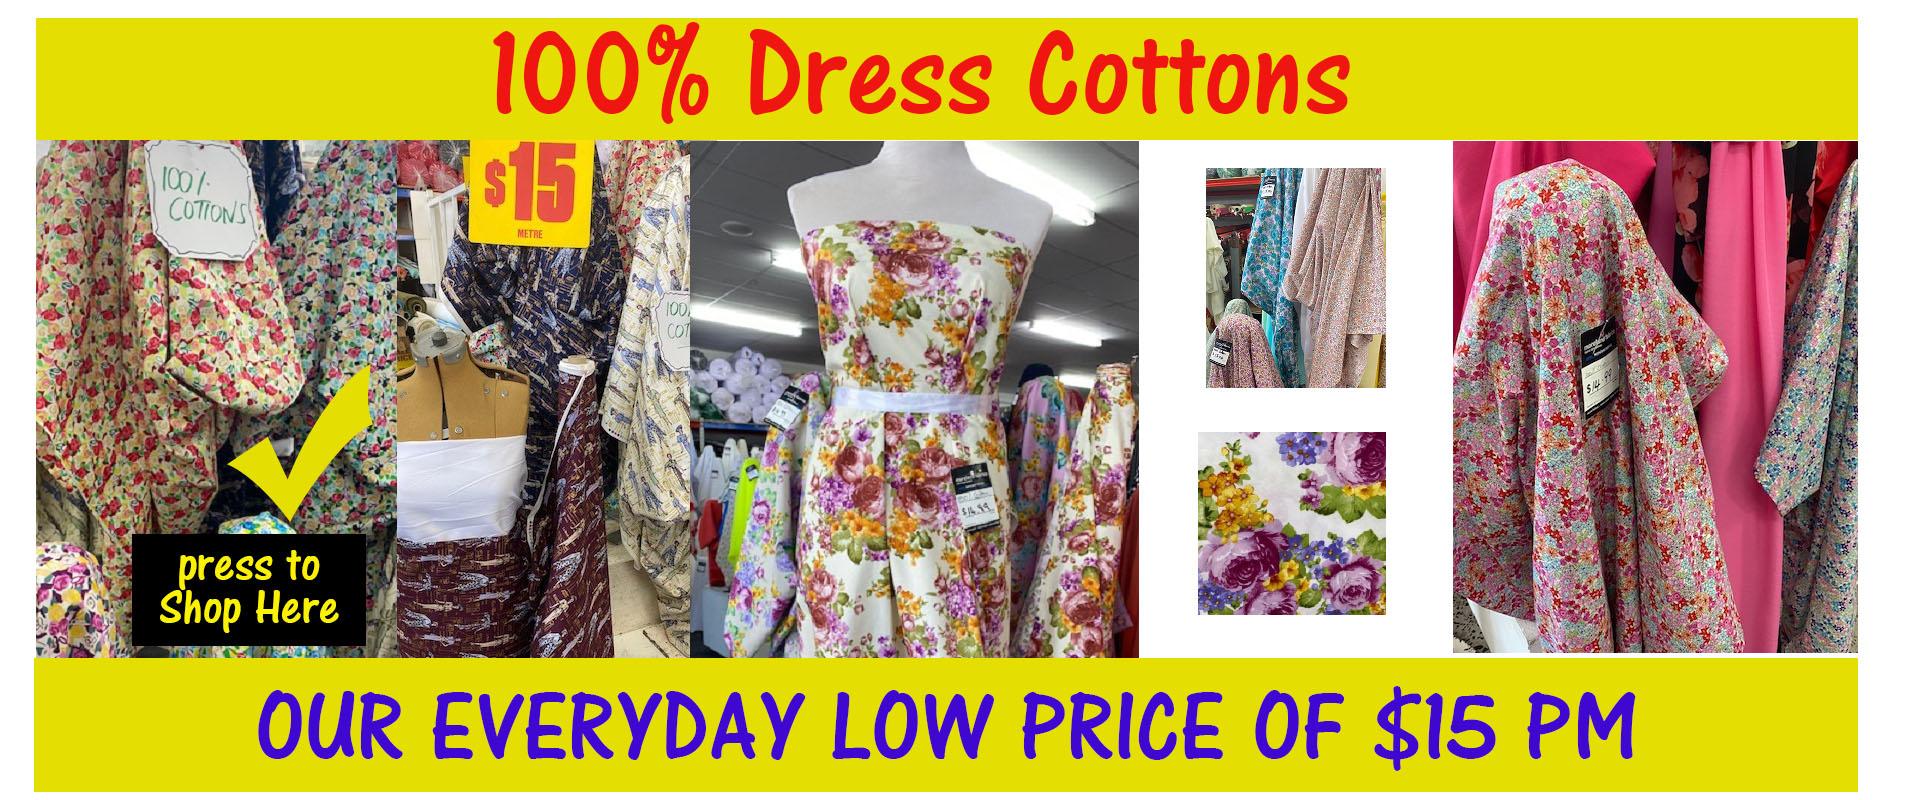 Dress Cottons 100%